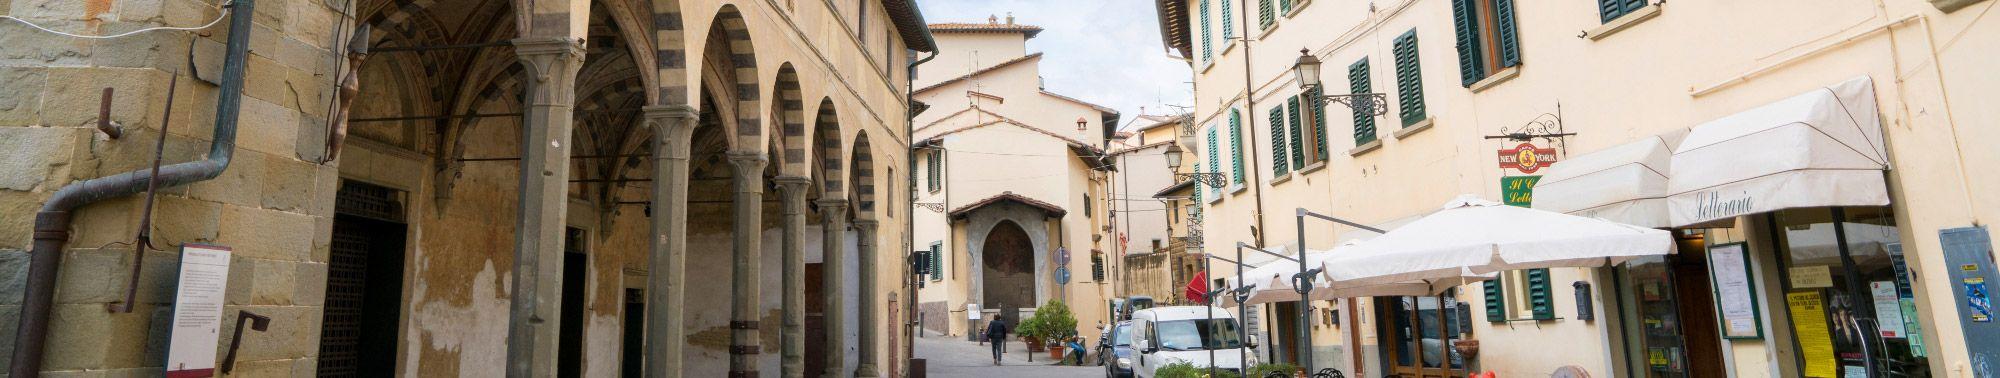 Il centro storico di Lastra a Signa